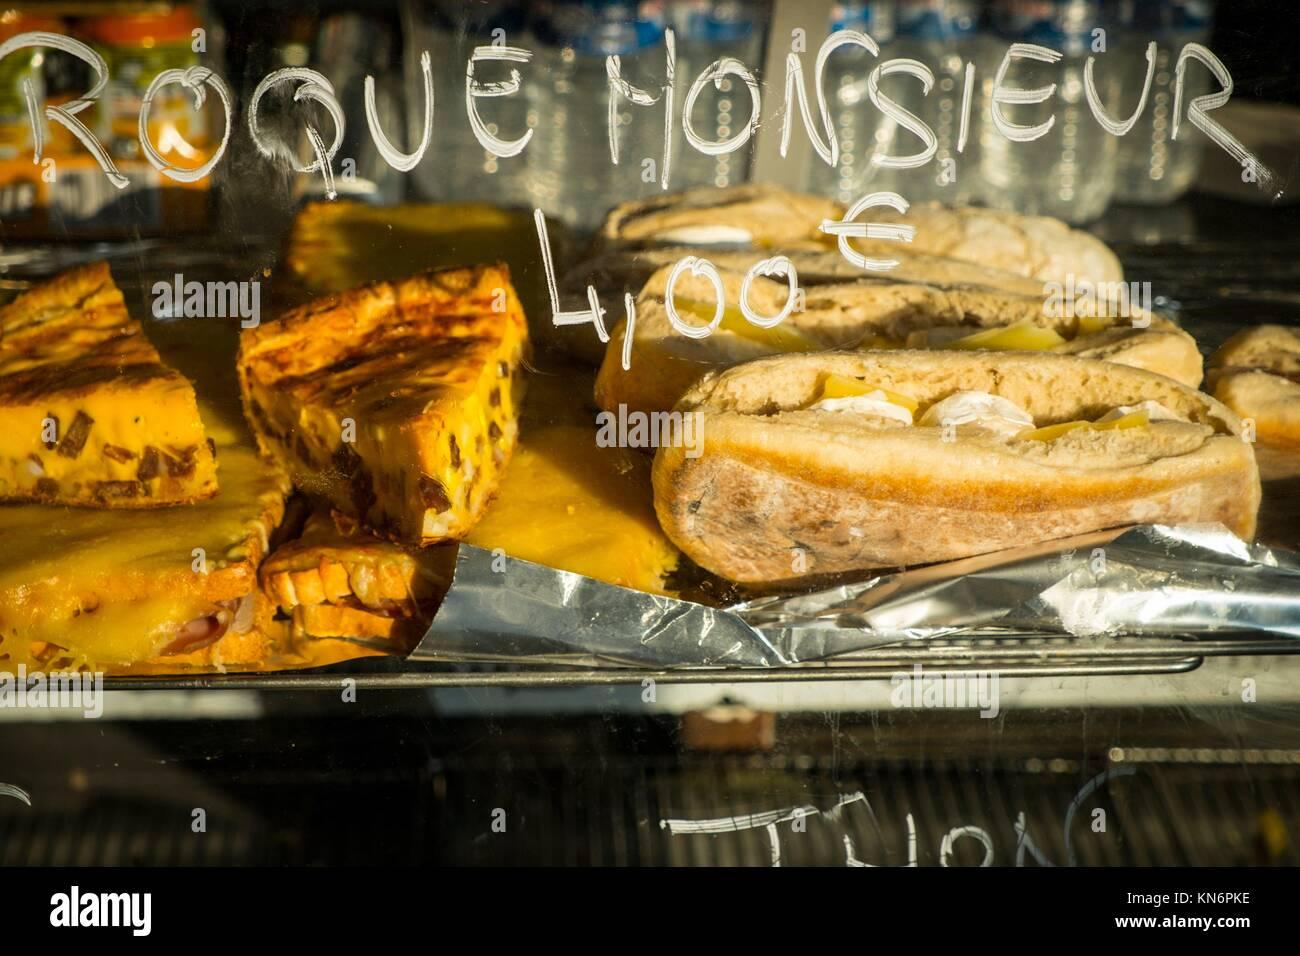 Croque-monsieurs for sale, Paris, France. - Stock Image